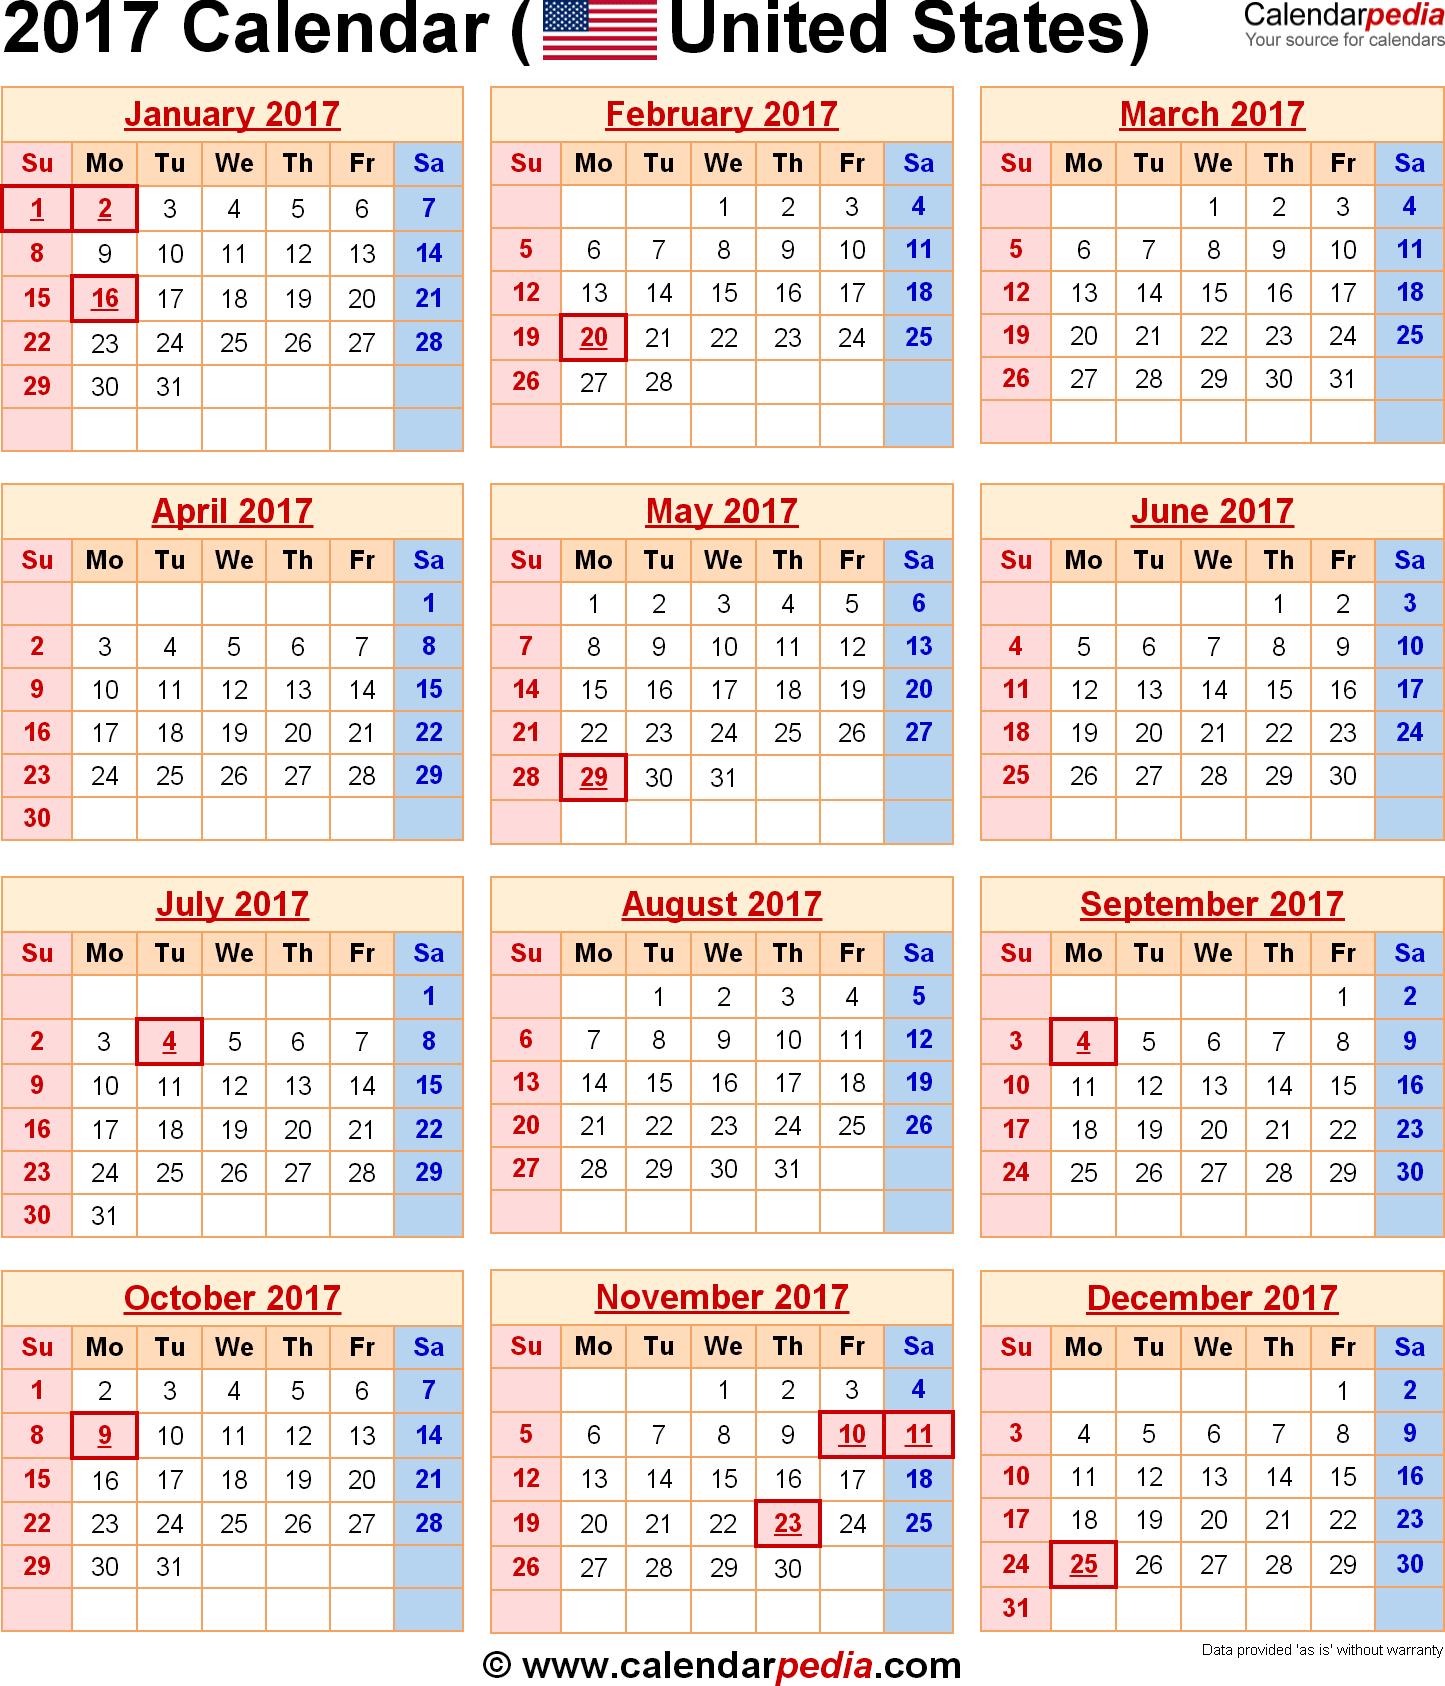 التقويم الهجري 1439ه , التقويم الميلادي 2018 مع الاجازات ...